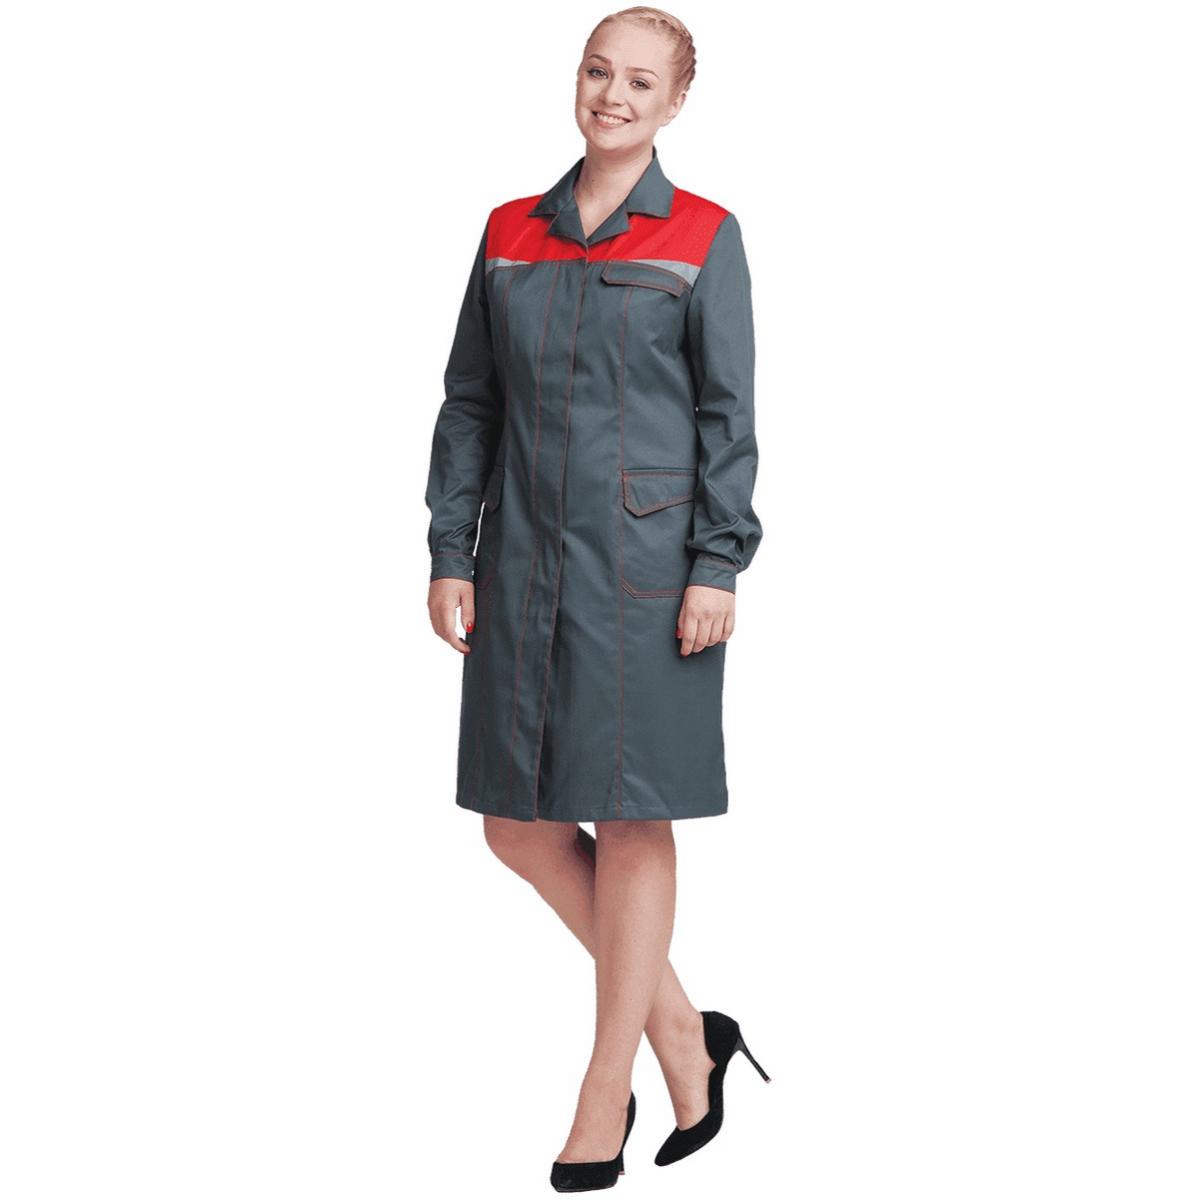 Халат КМ-10 ЛЮКС серый-красный женский (разм. 96-100 рост 158-164)